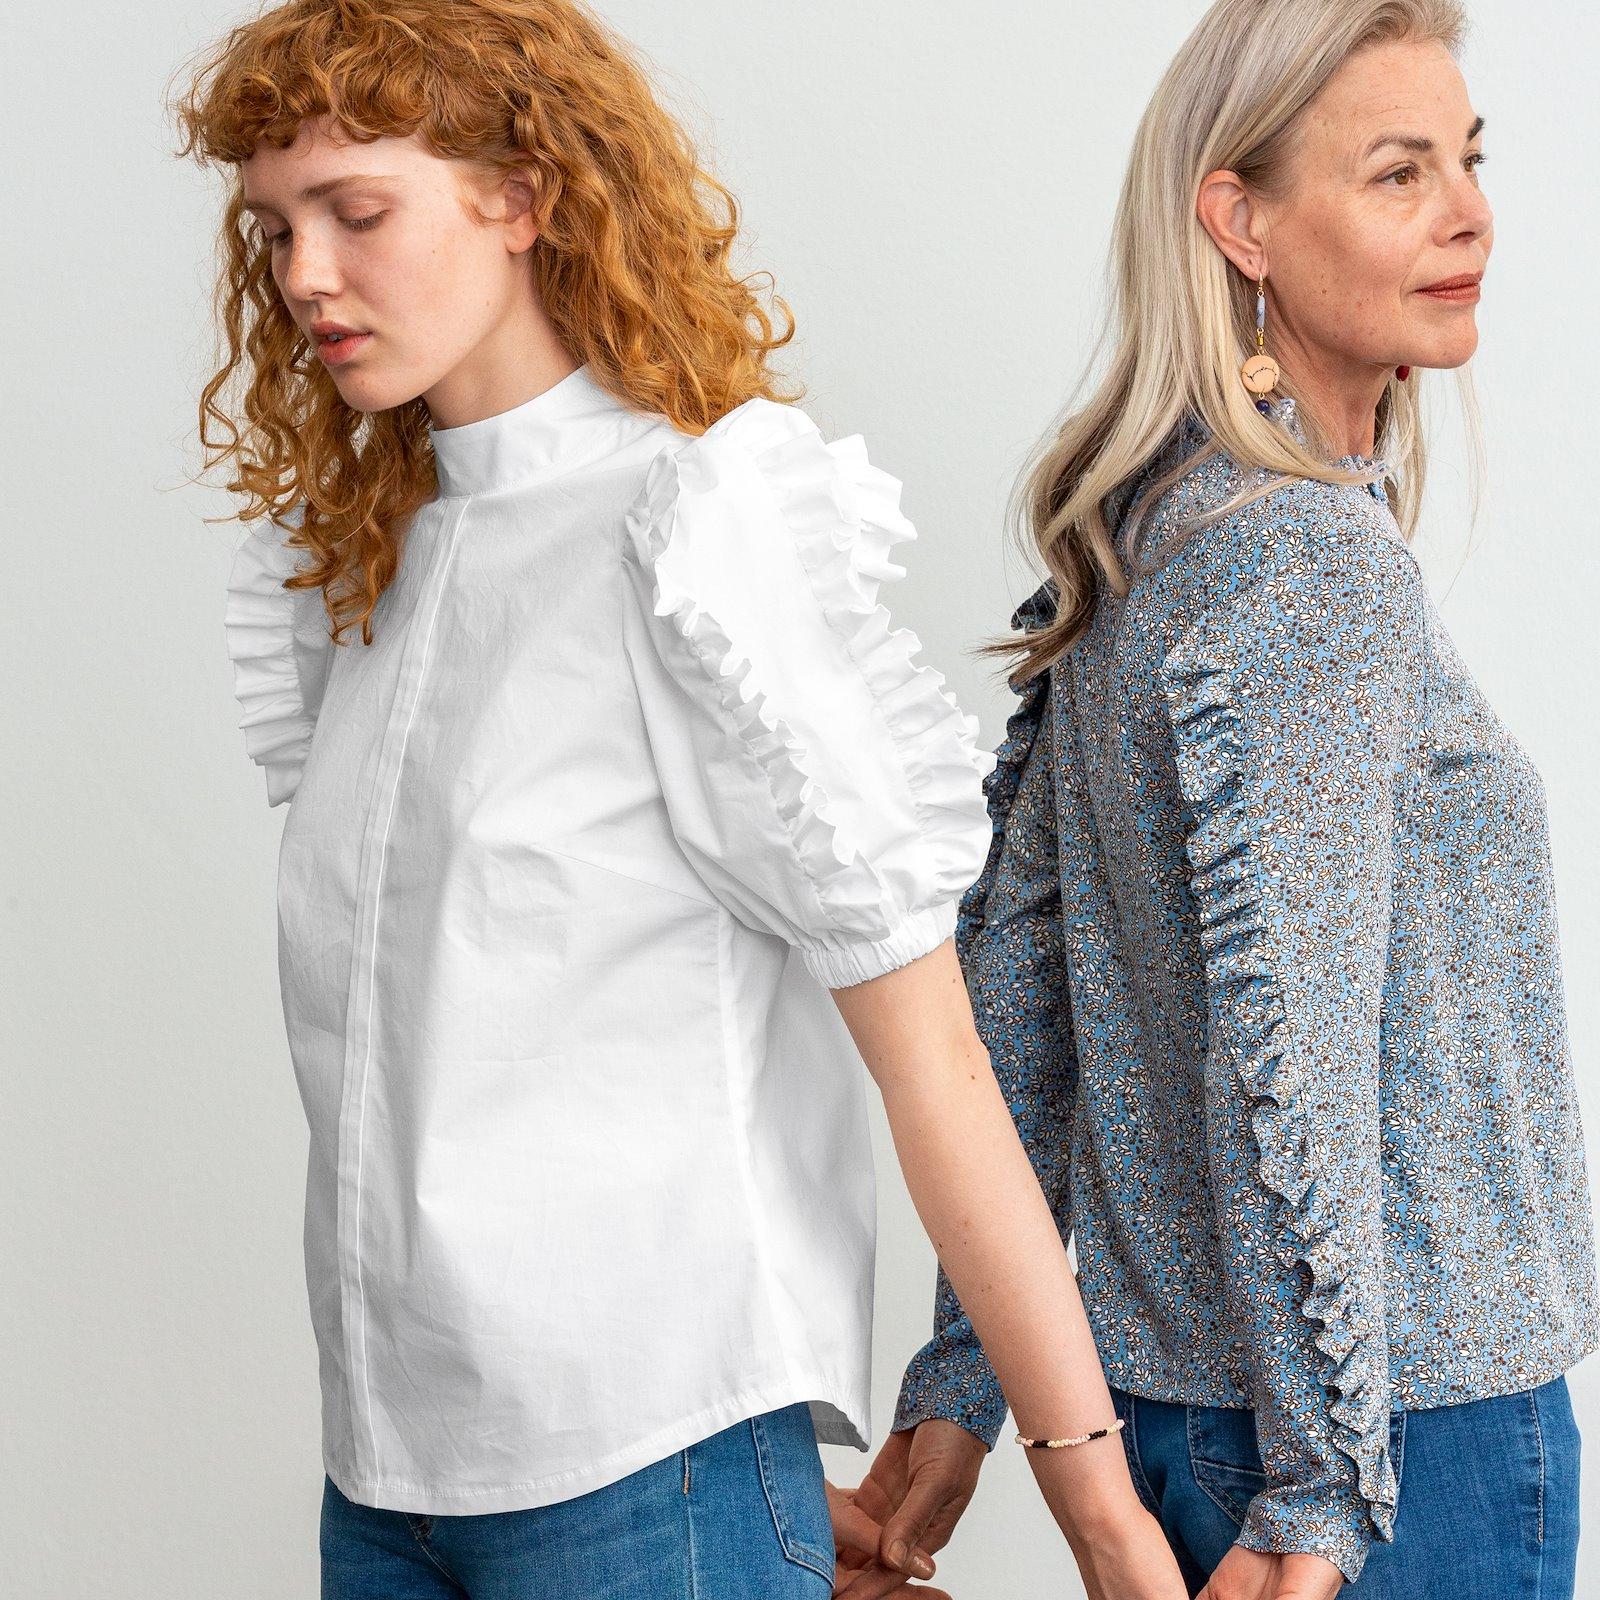 Design your own blouse, 44/16 p22075_540111_33023_DIY8020_p231445_710654_33134_bundle